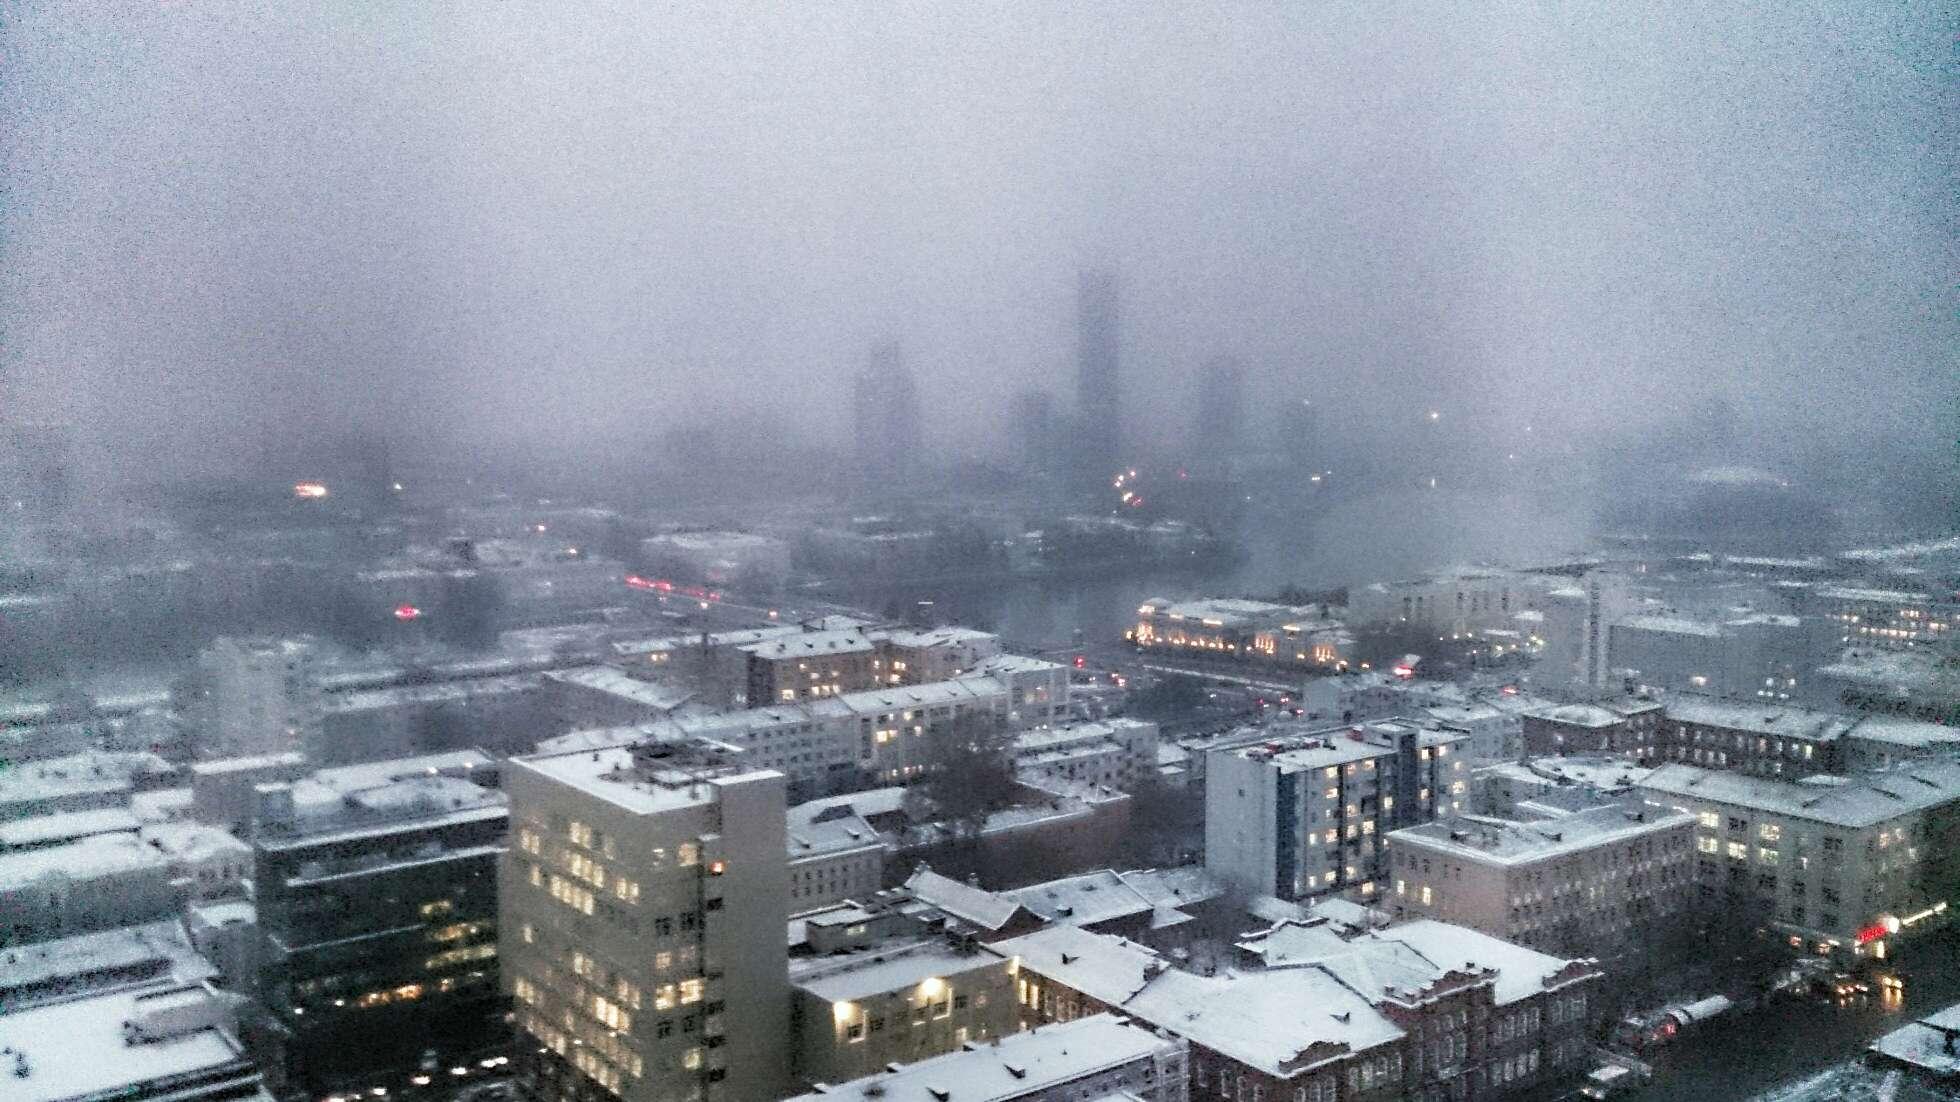 Успевайте, пока не скользко. Вторая волна снега парализует движение в Екатеринбурге